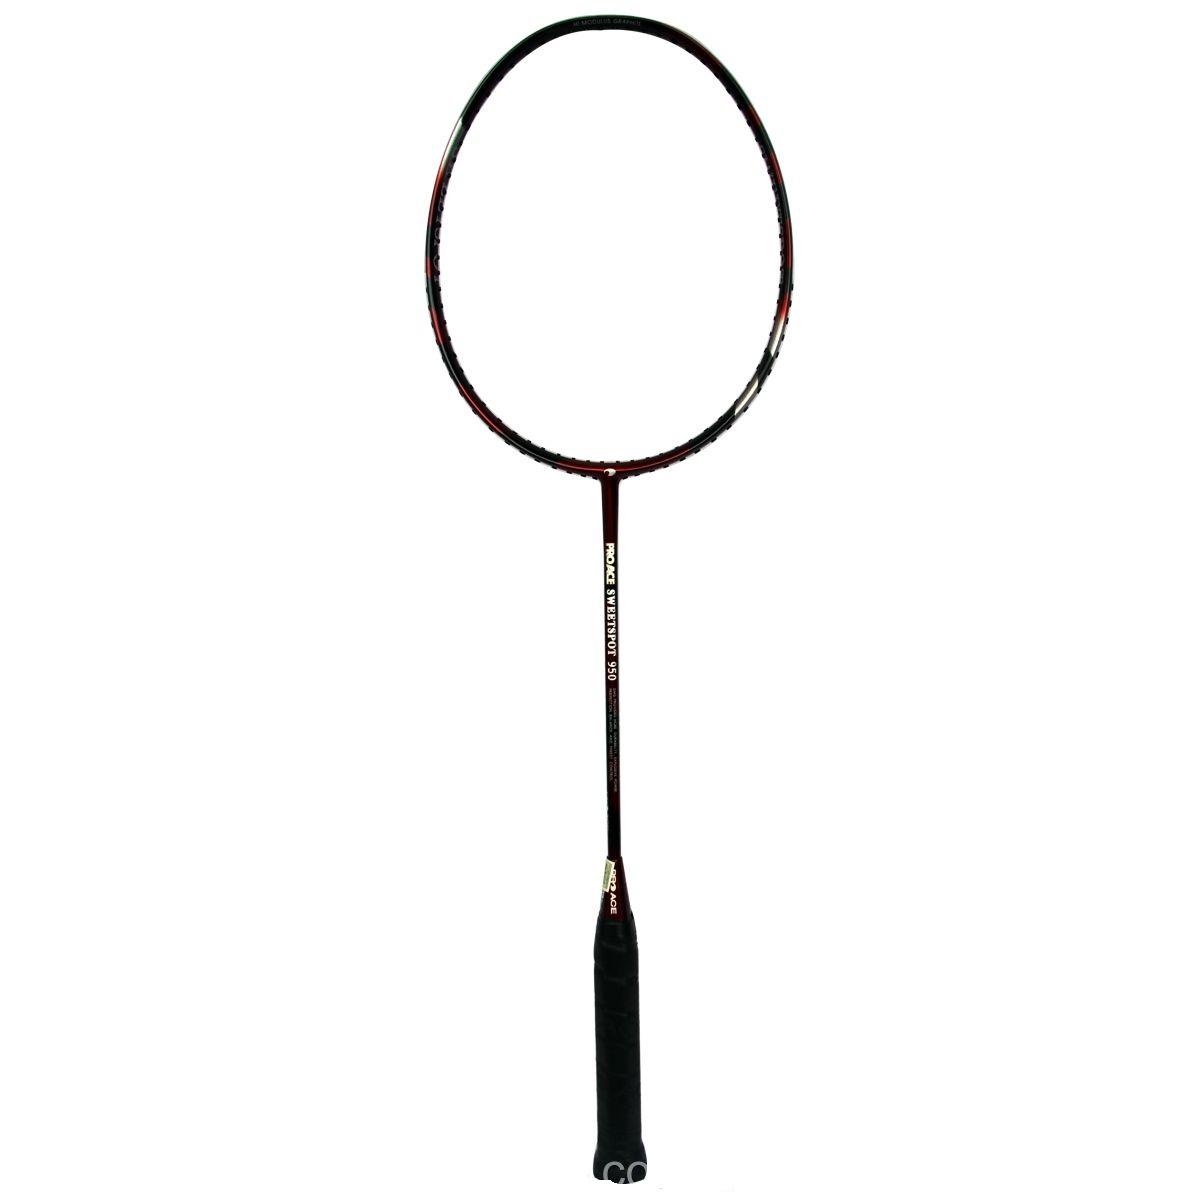 Vợt cầu lông Proace Sweetsport 950